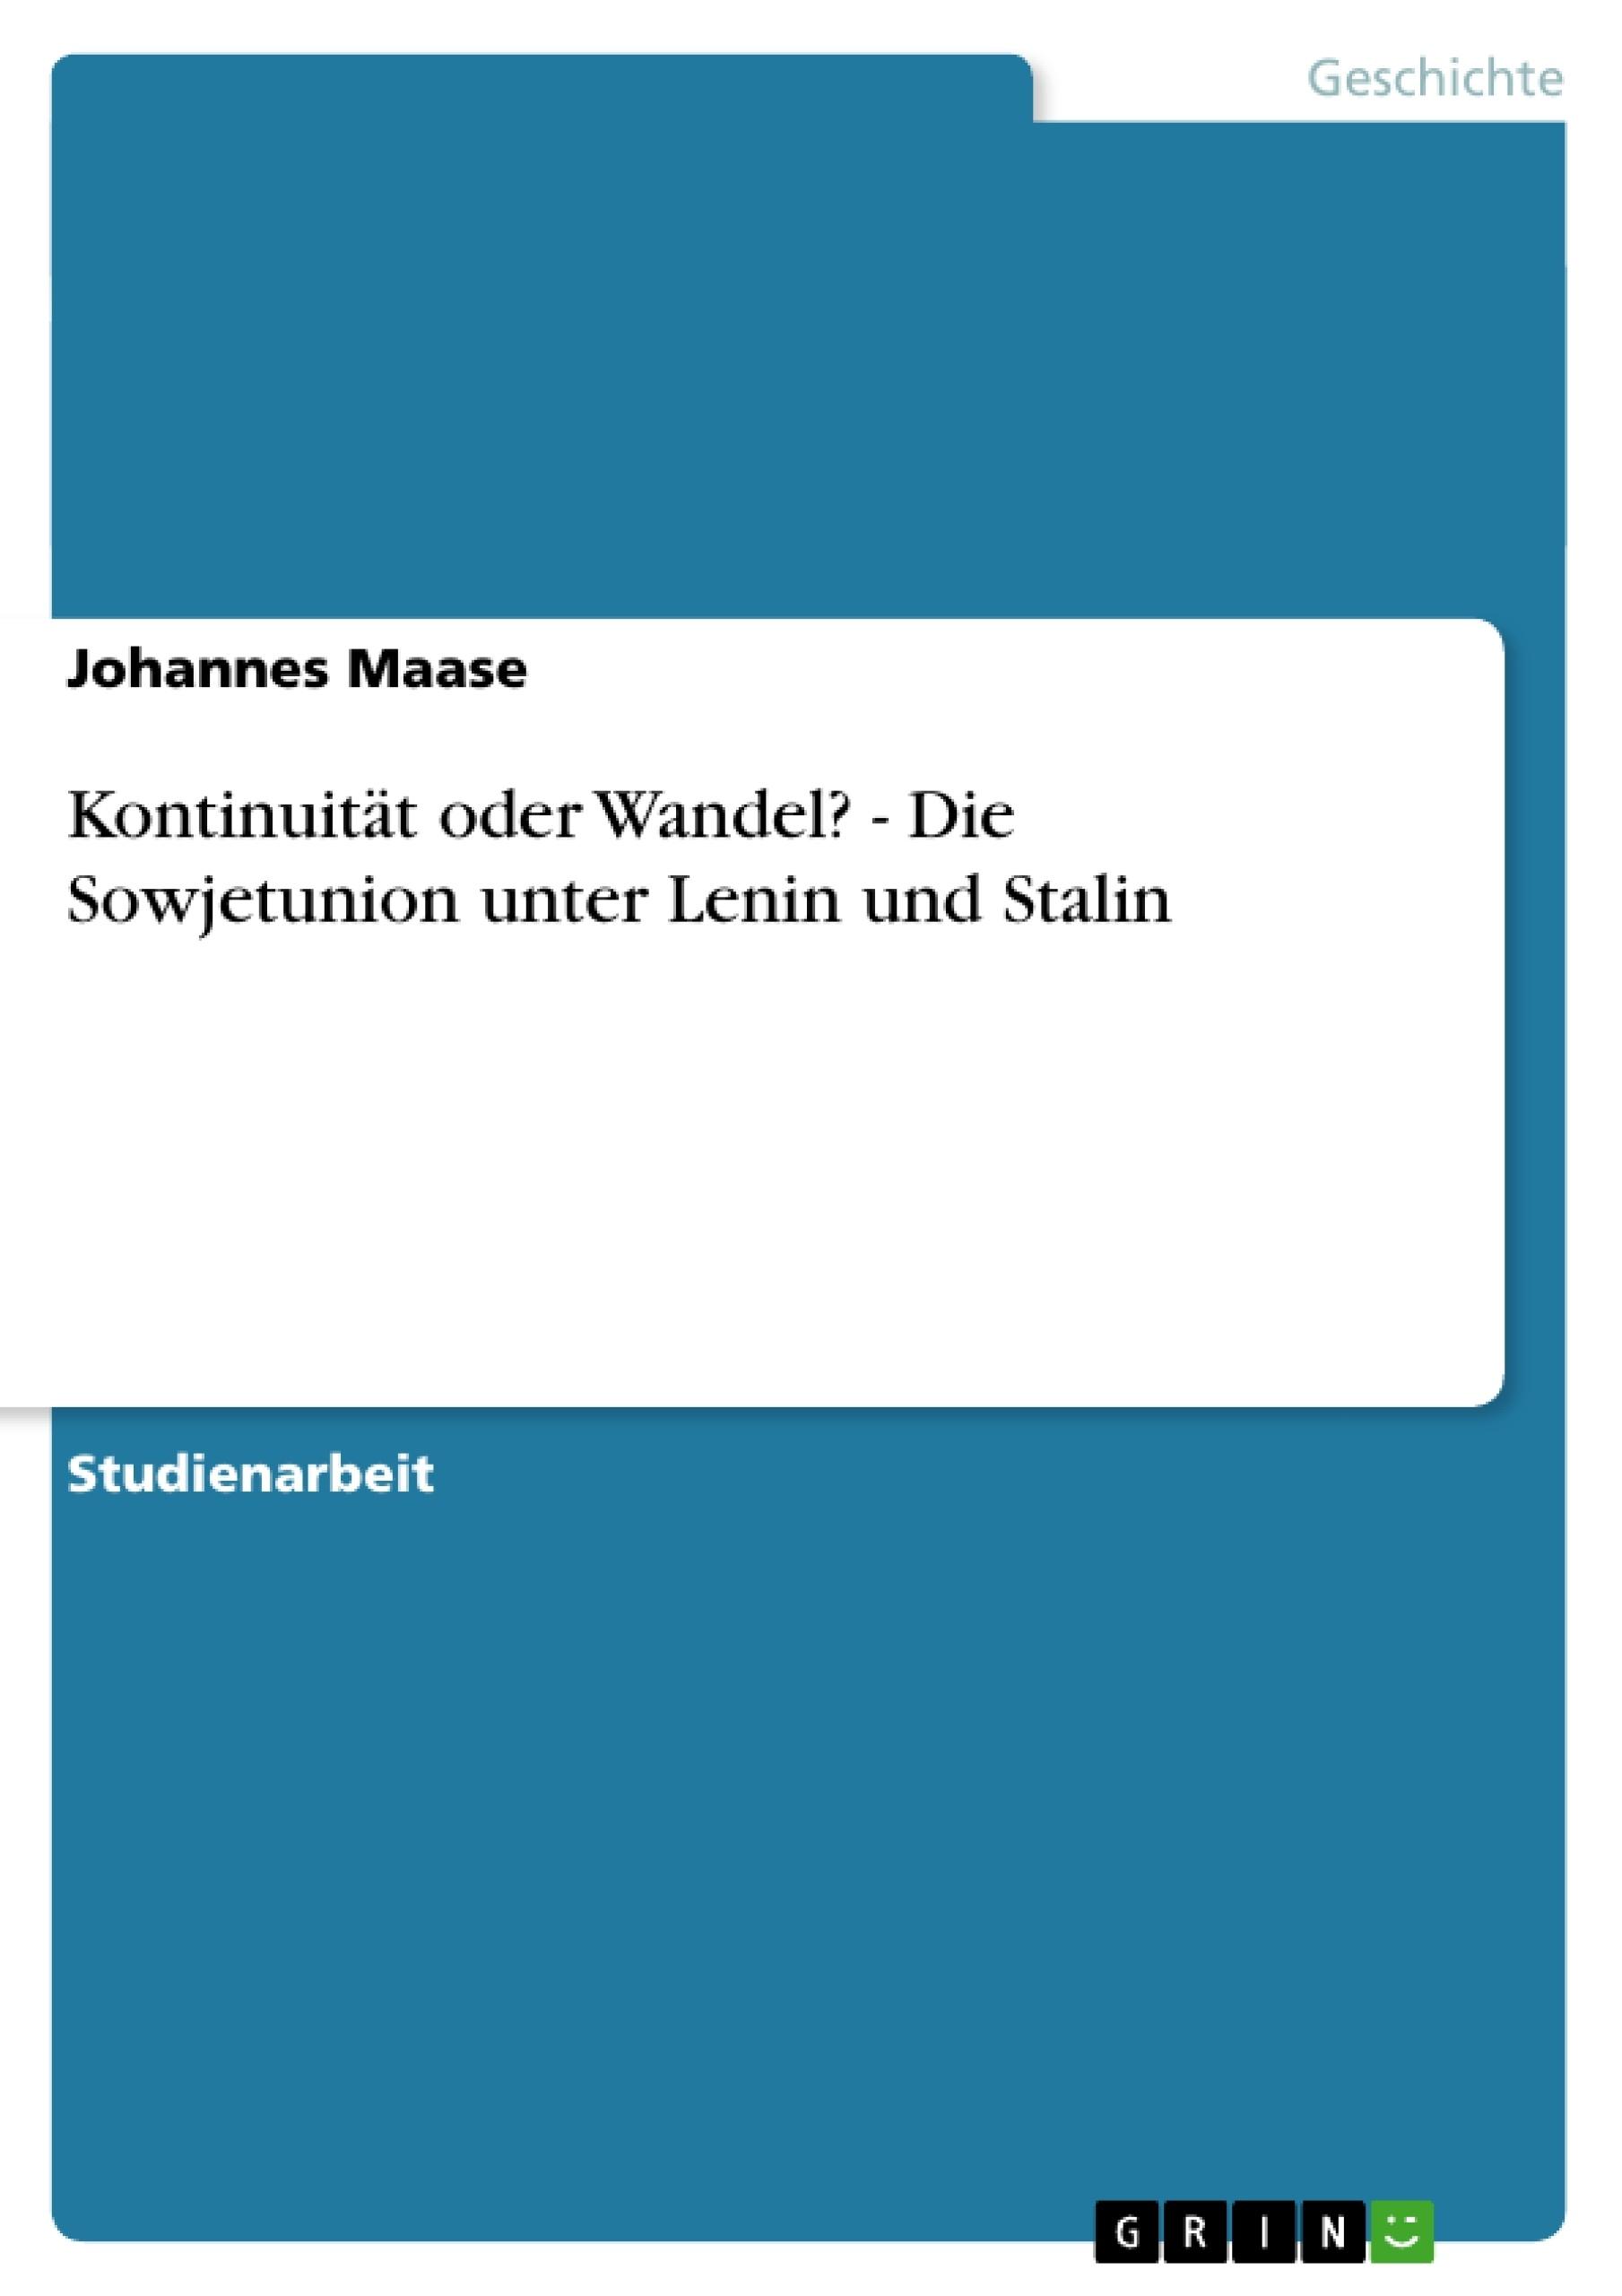 Titel: Kontinuität oder Wandel? - Die Sowjetunion unter Lenin und Stalin